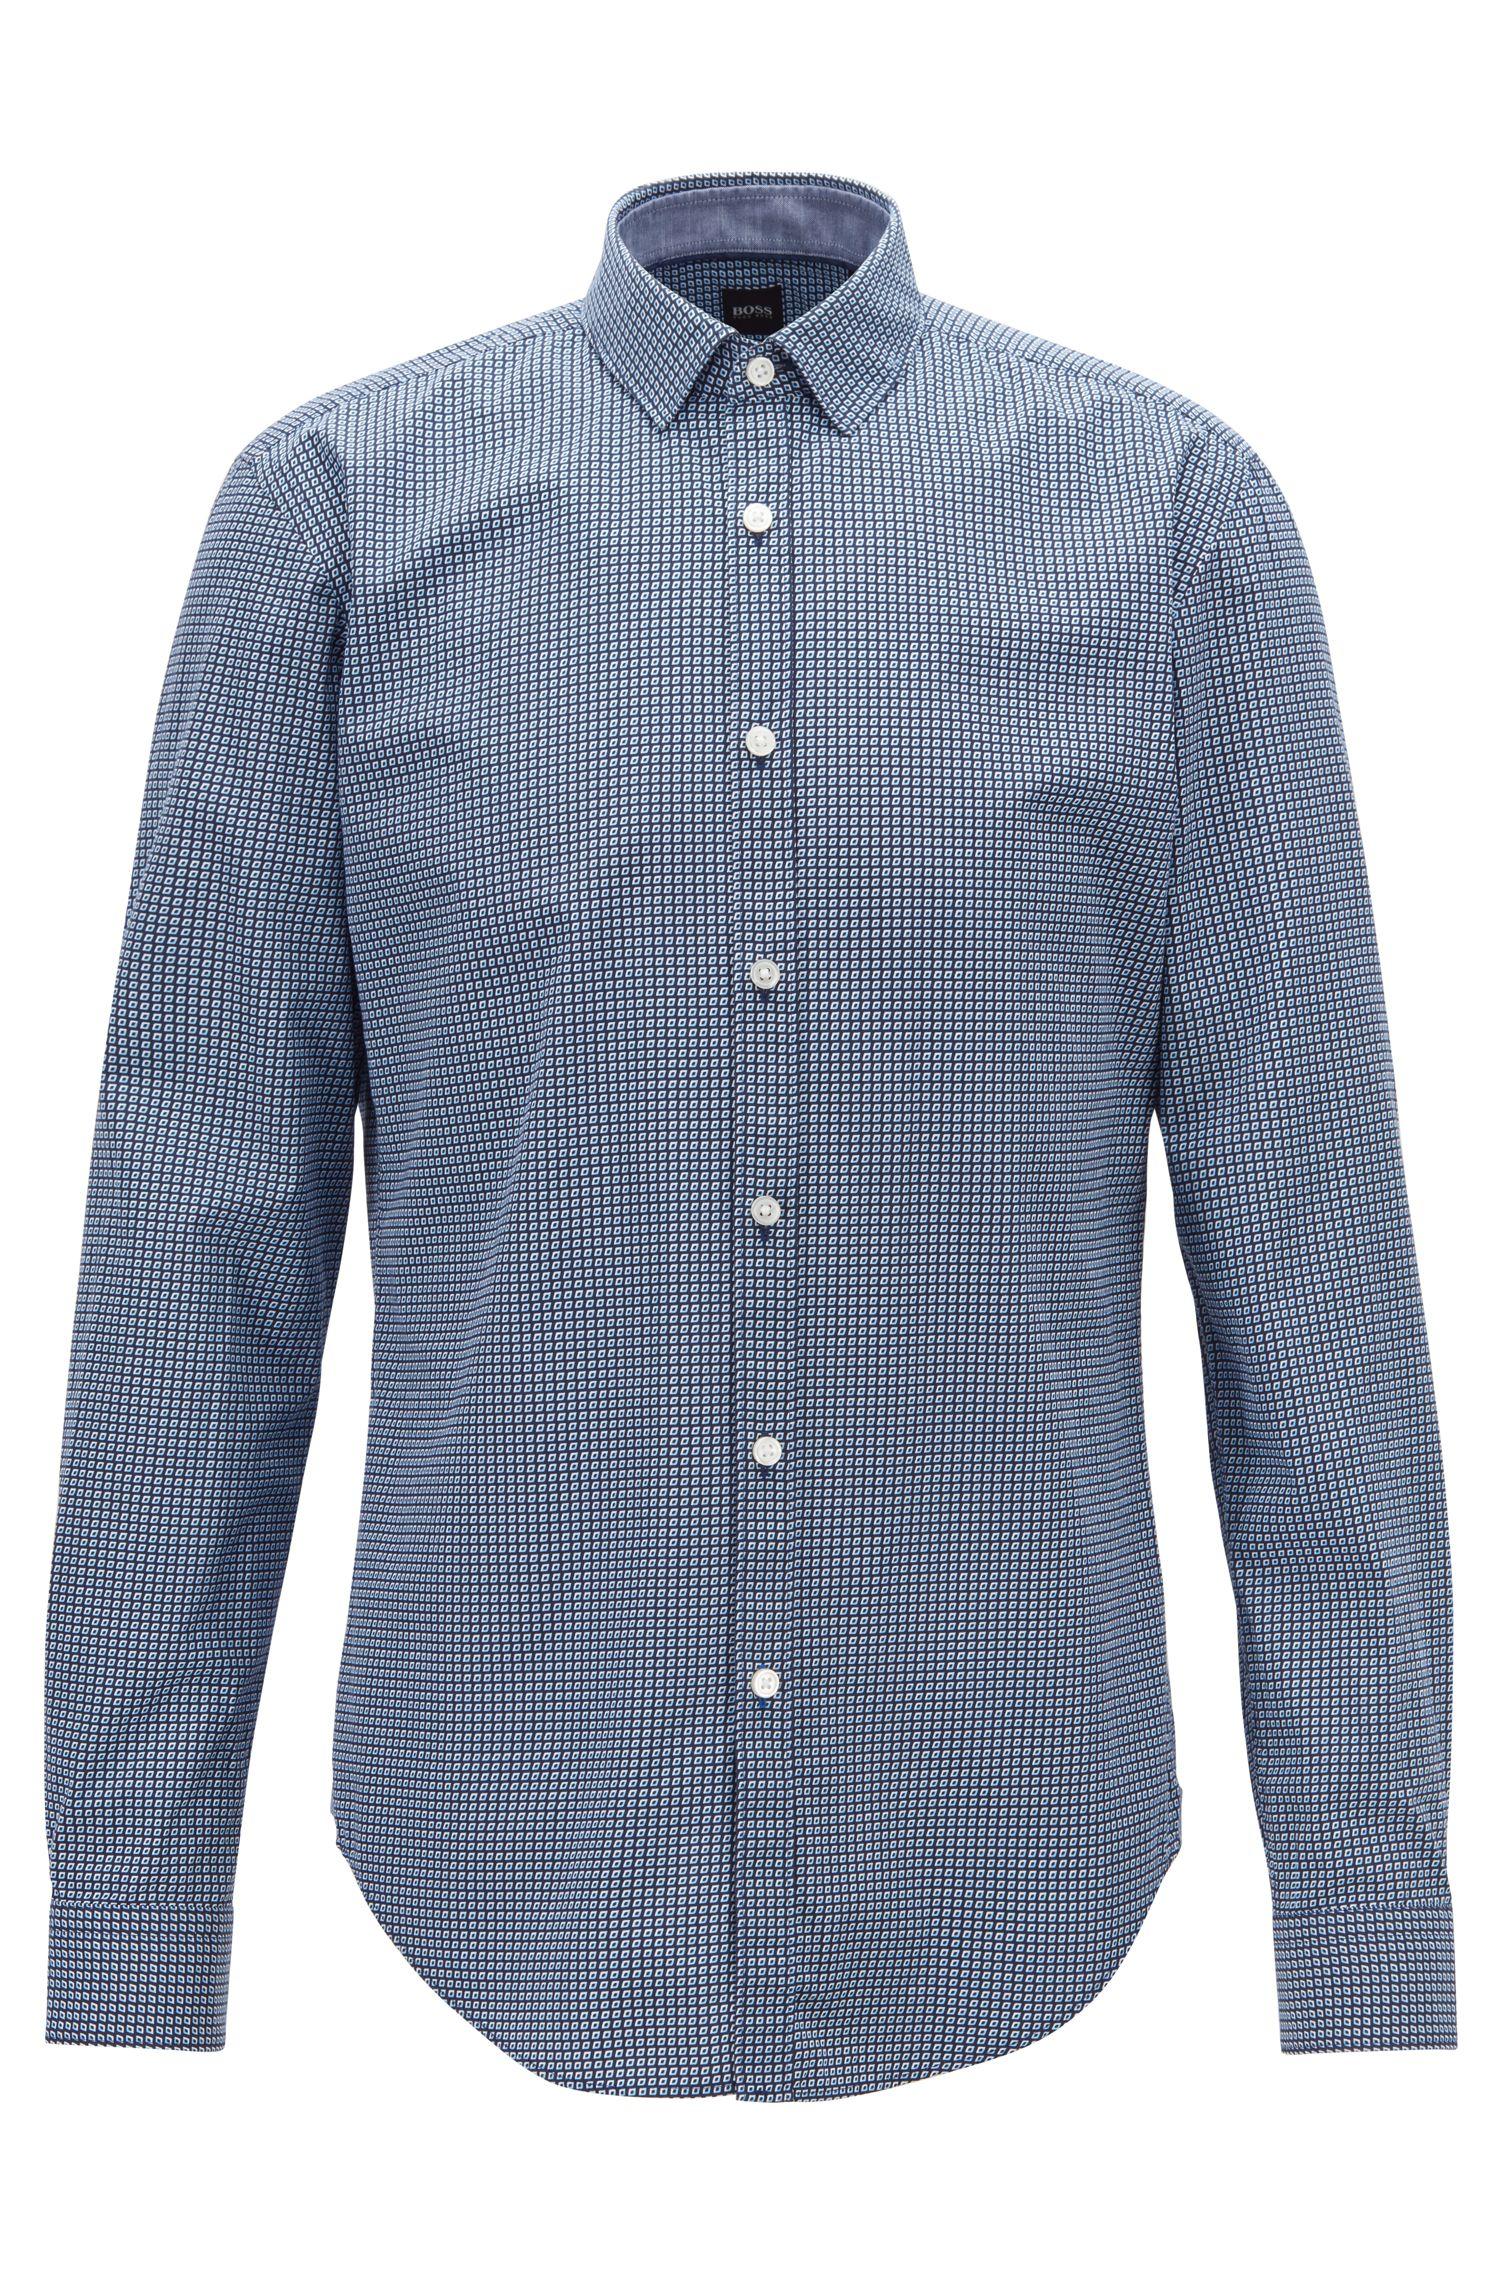 Camisa slim fit de popelín de algodón con estampado gráfico, Azul oscuro